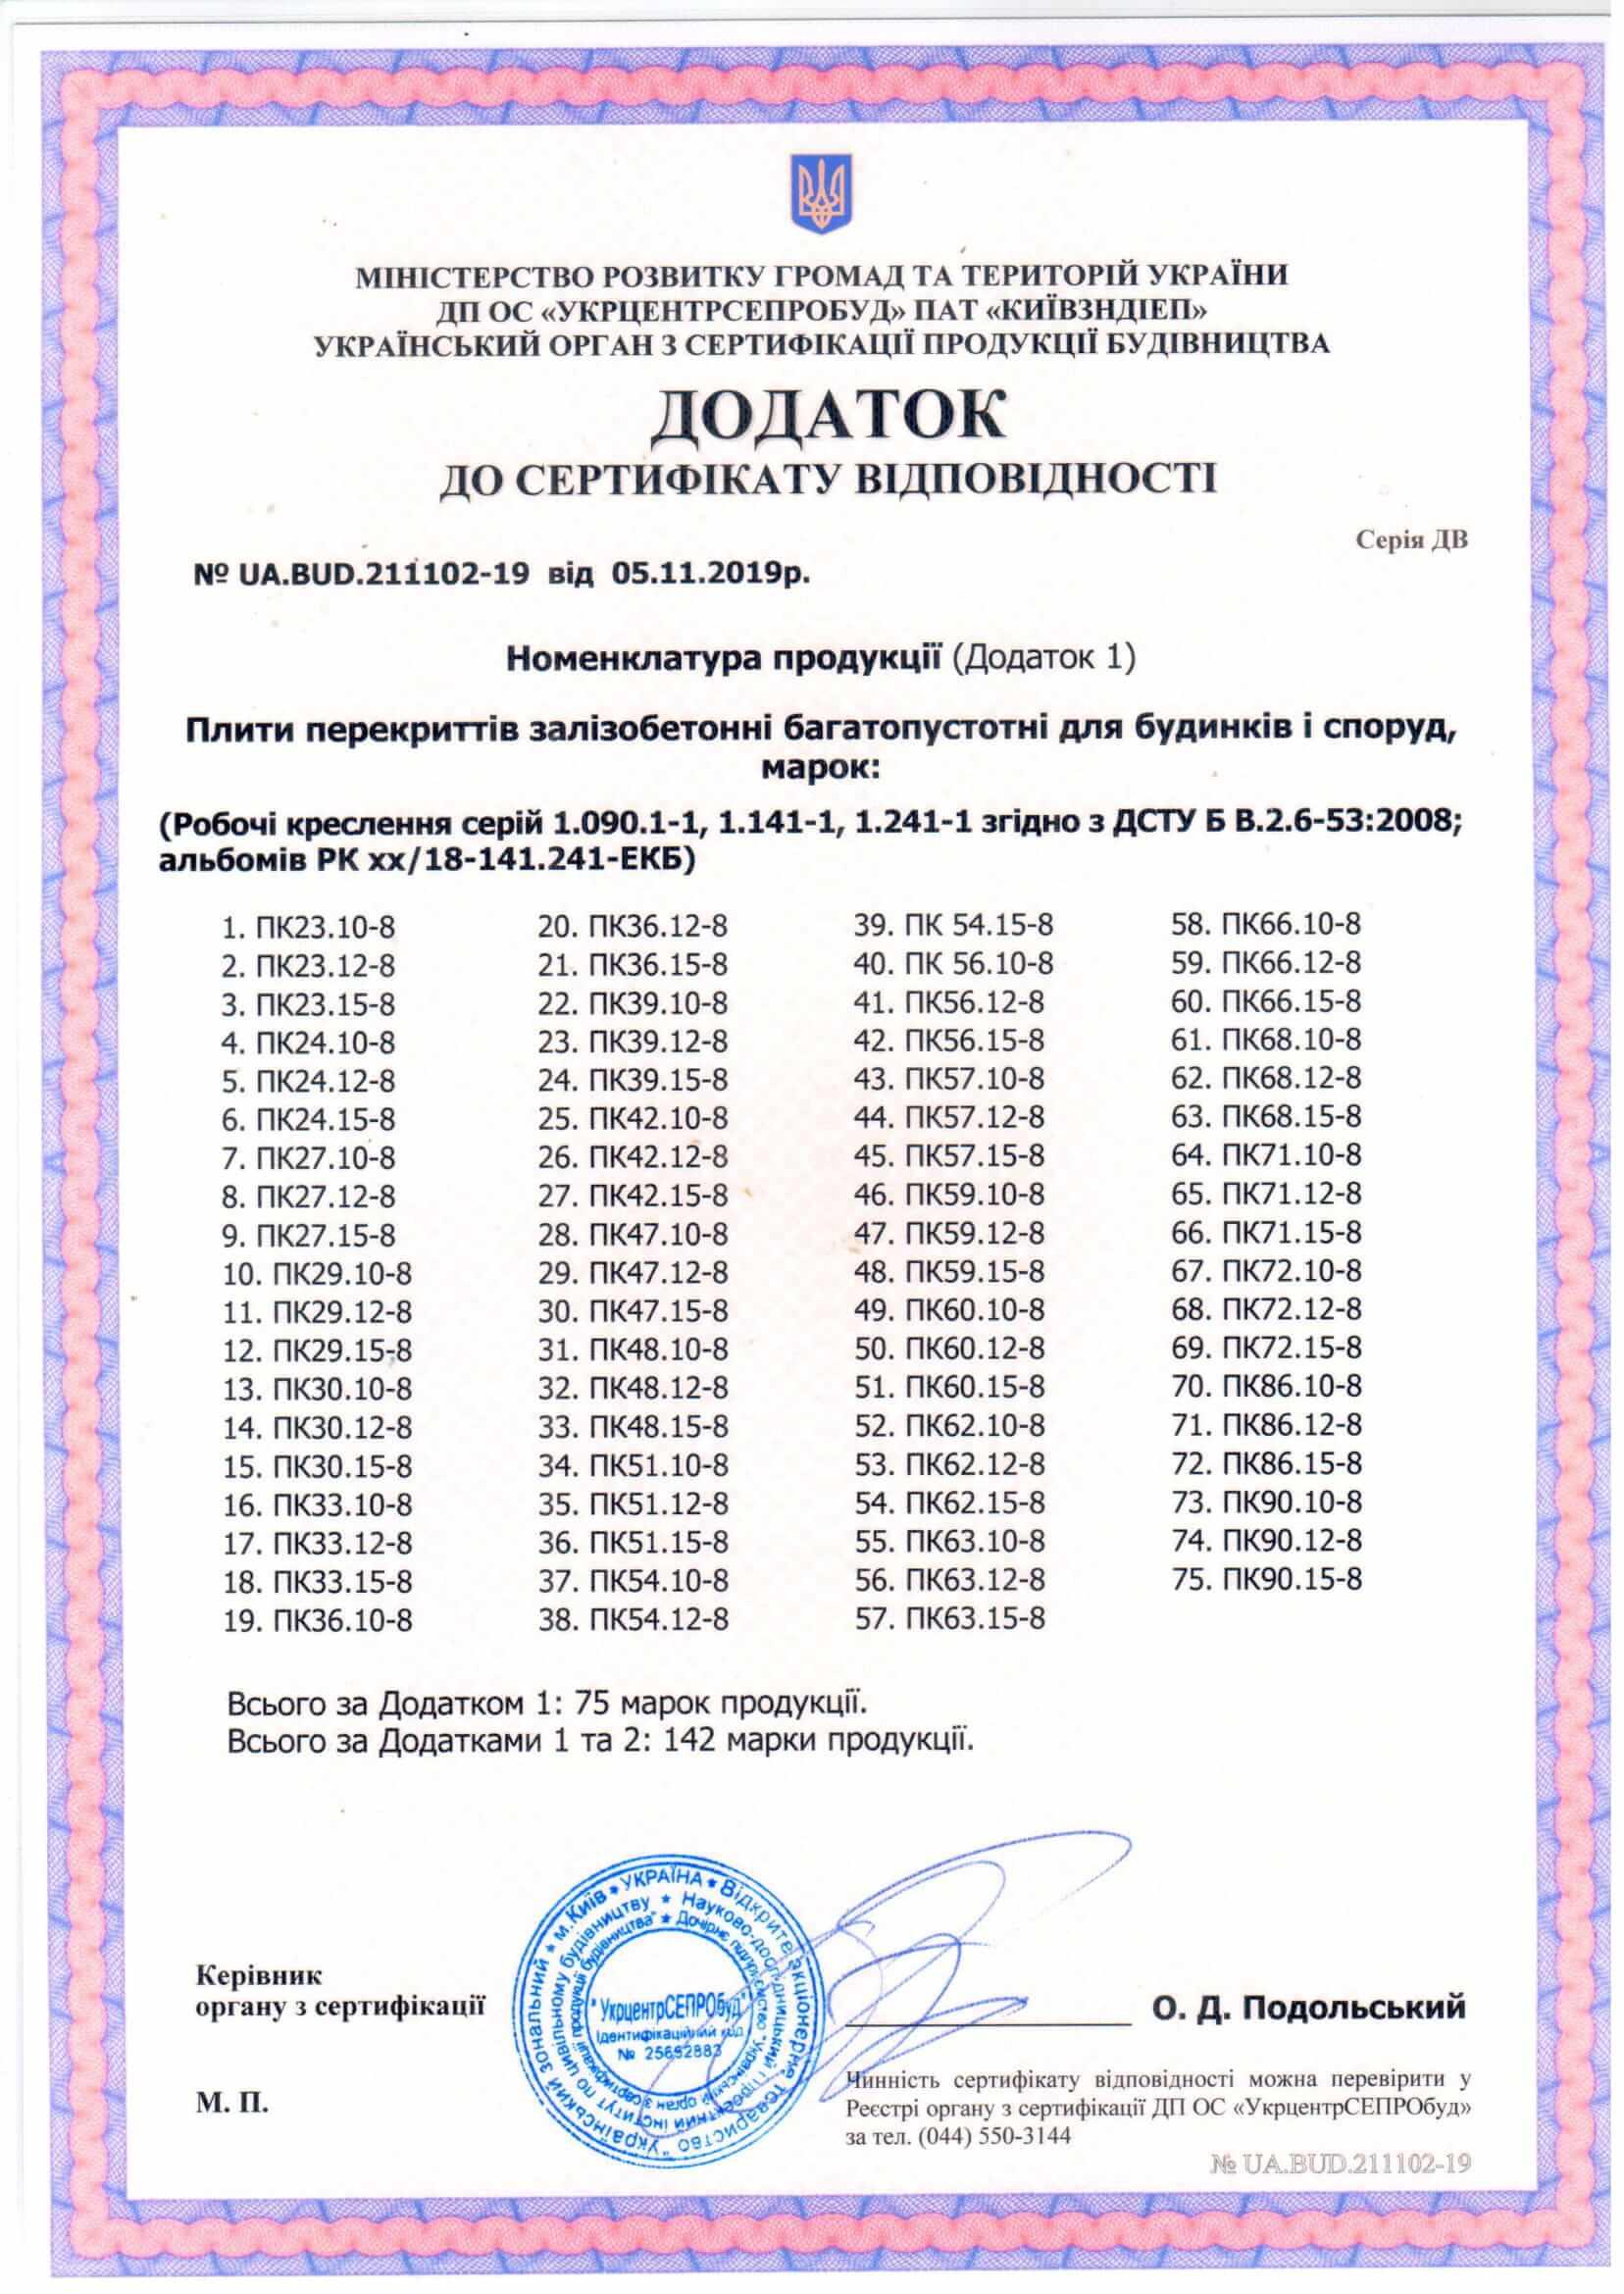 Дополнение к сертификату на многопустотные плиты перекрытия